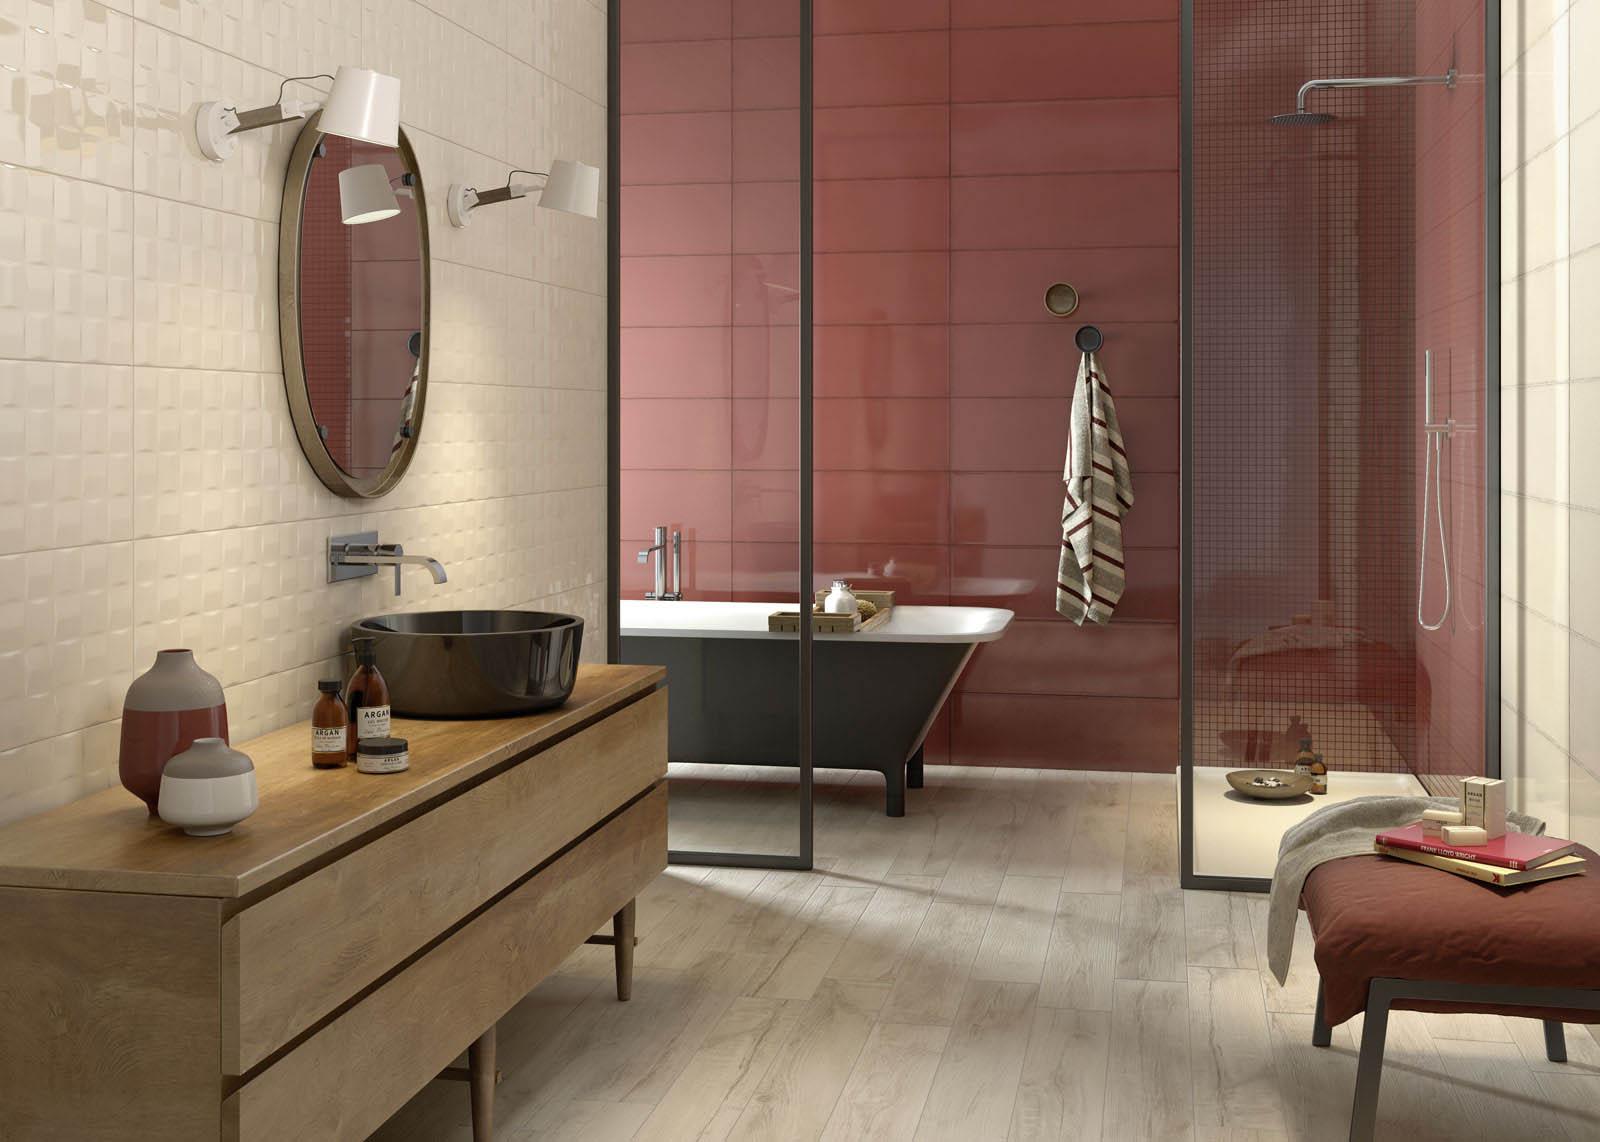 carrelage salle de bain c ramique et gr s c rame marazzi. Black Bedroom Furniture Sets. Home Design Ideas